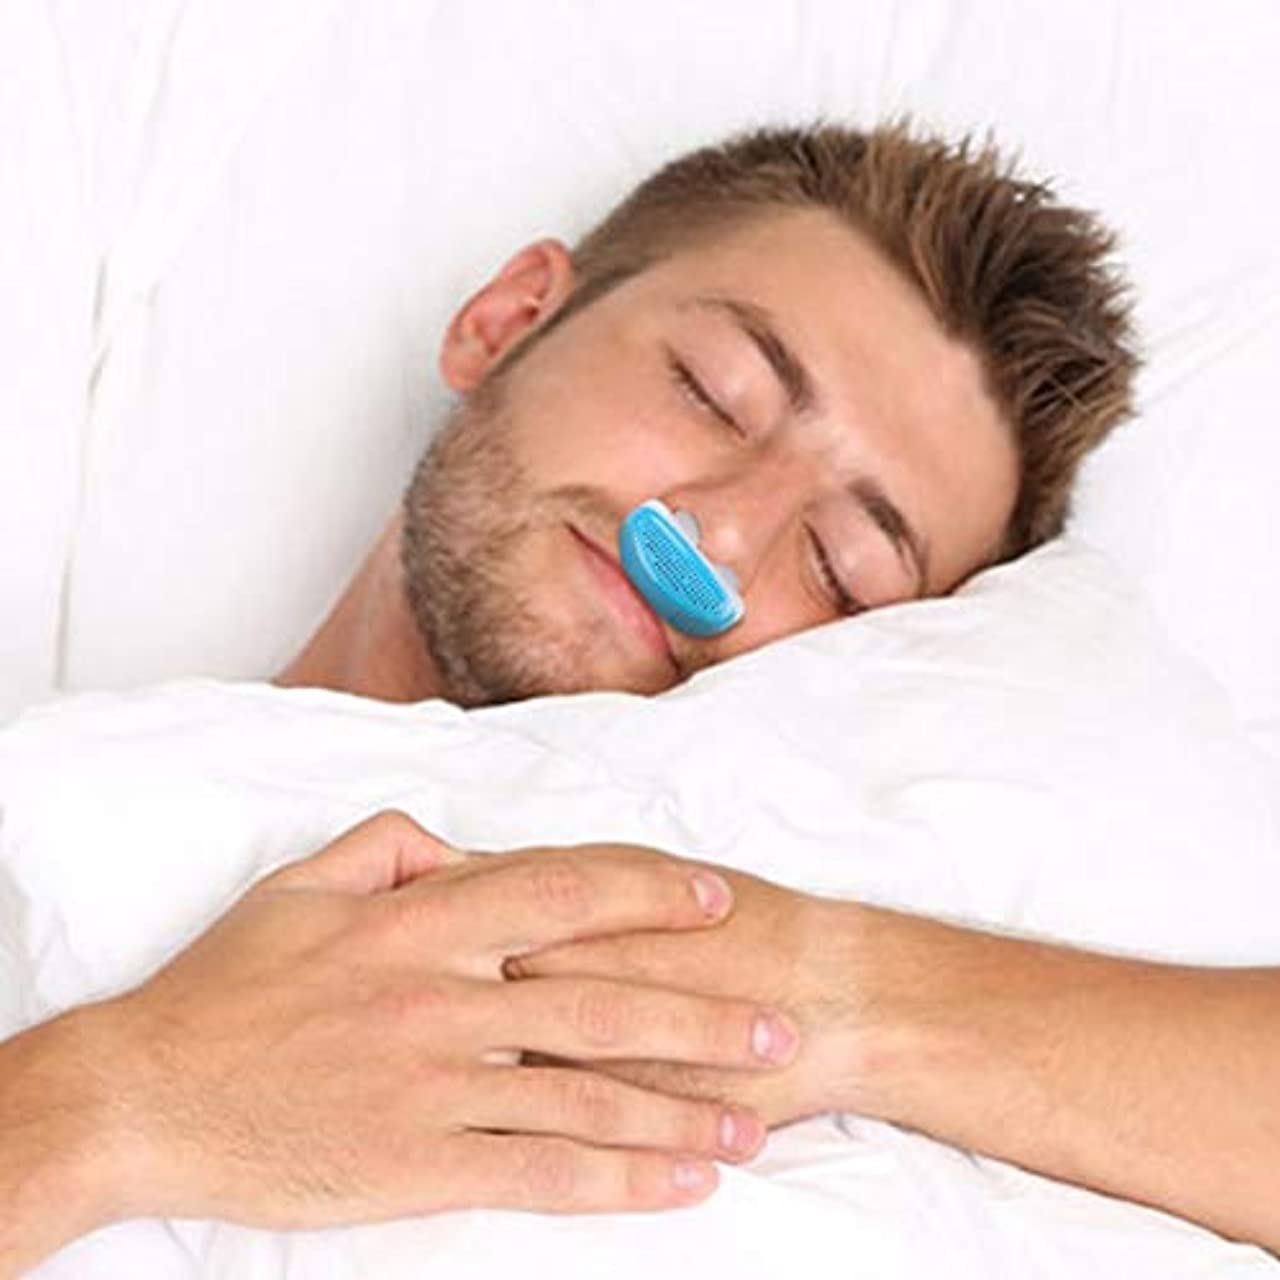 興奮率直な駅NOTE いびき鼻いびきを止める呼吸器具ガード睡眠補助ミニいびき装置アンチいびきシリコーン箱付き